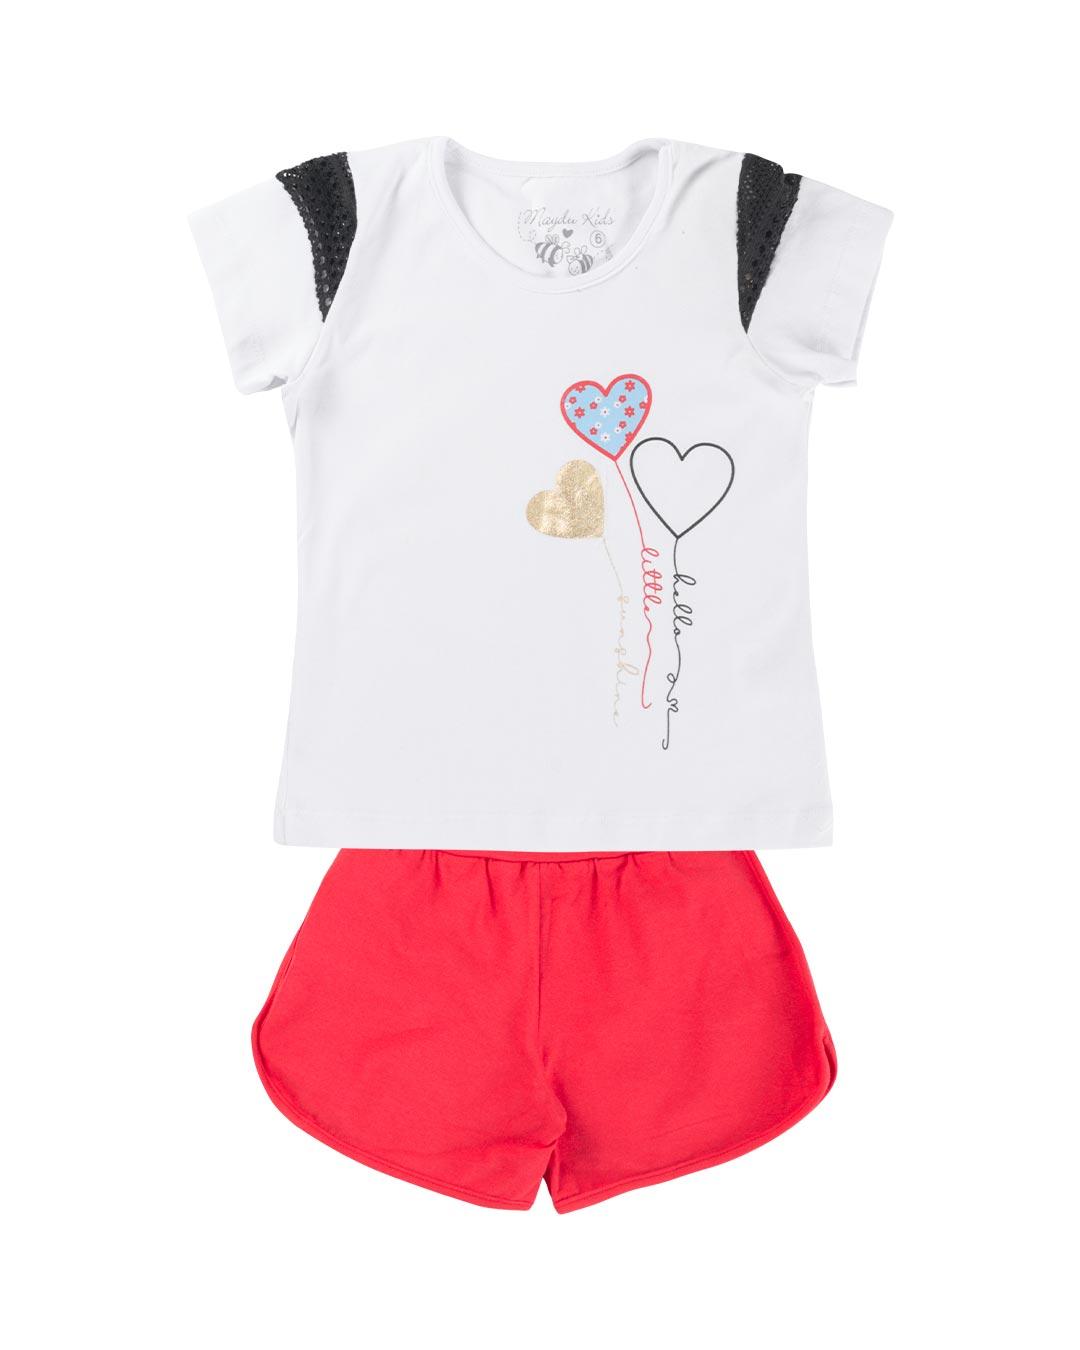 Conjunto Infantil Corações - Maydu Kids